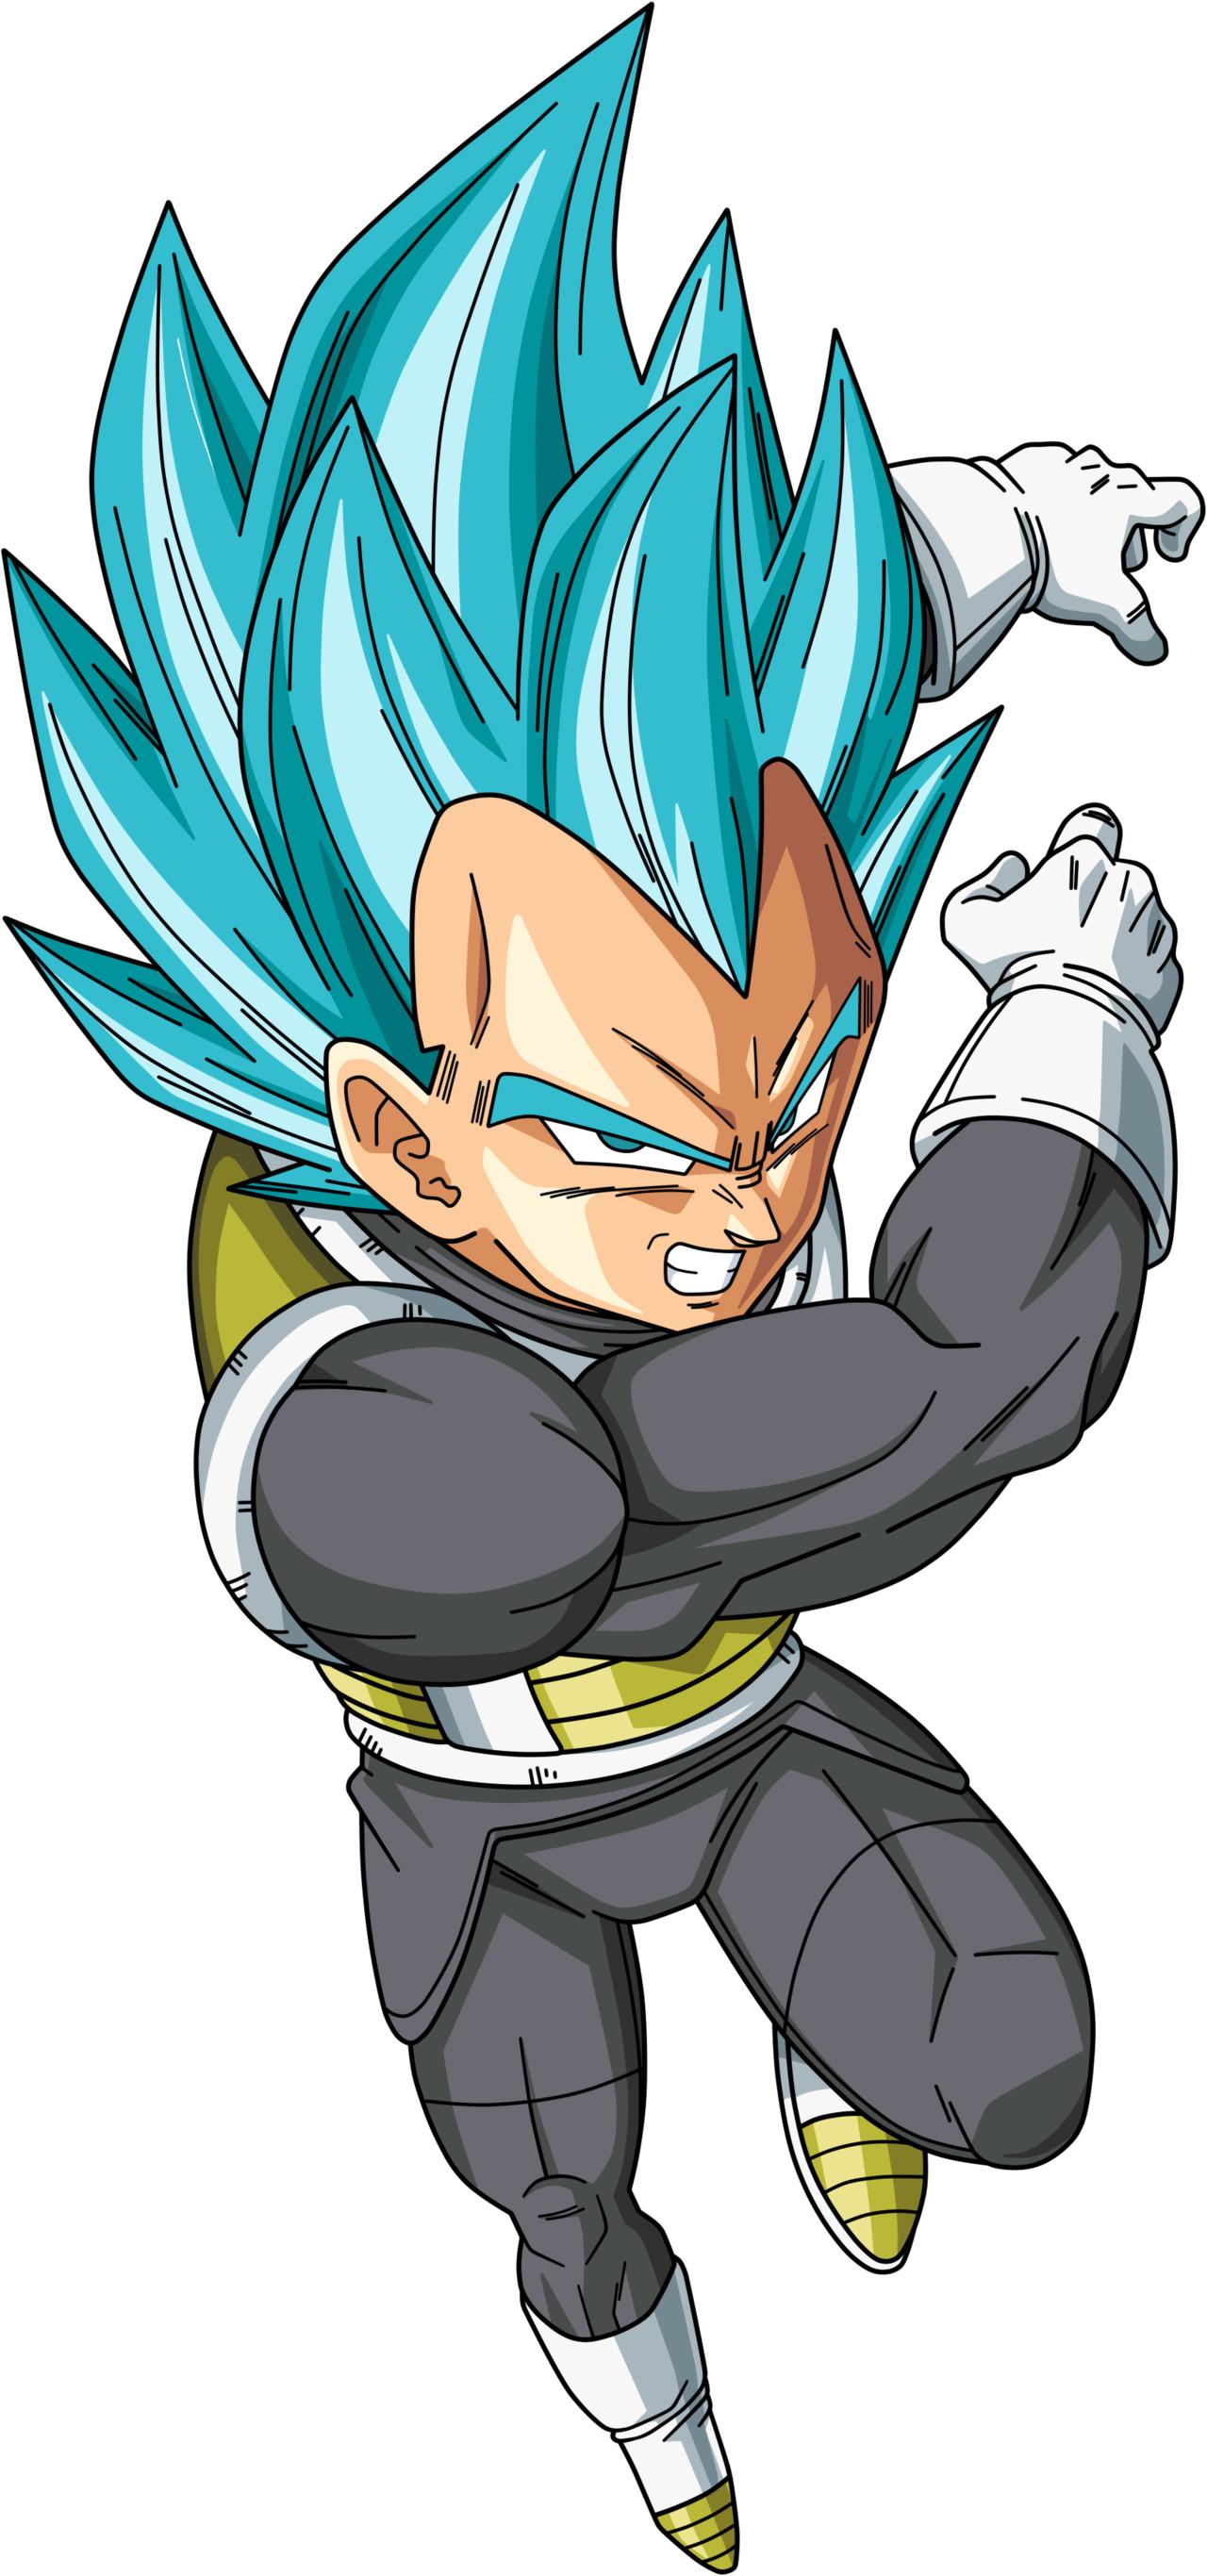 Vegeta Super Saiyan God Super Saiyan by Dark-Crawler.deviantart.com on @